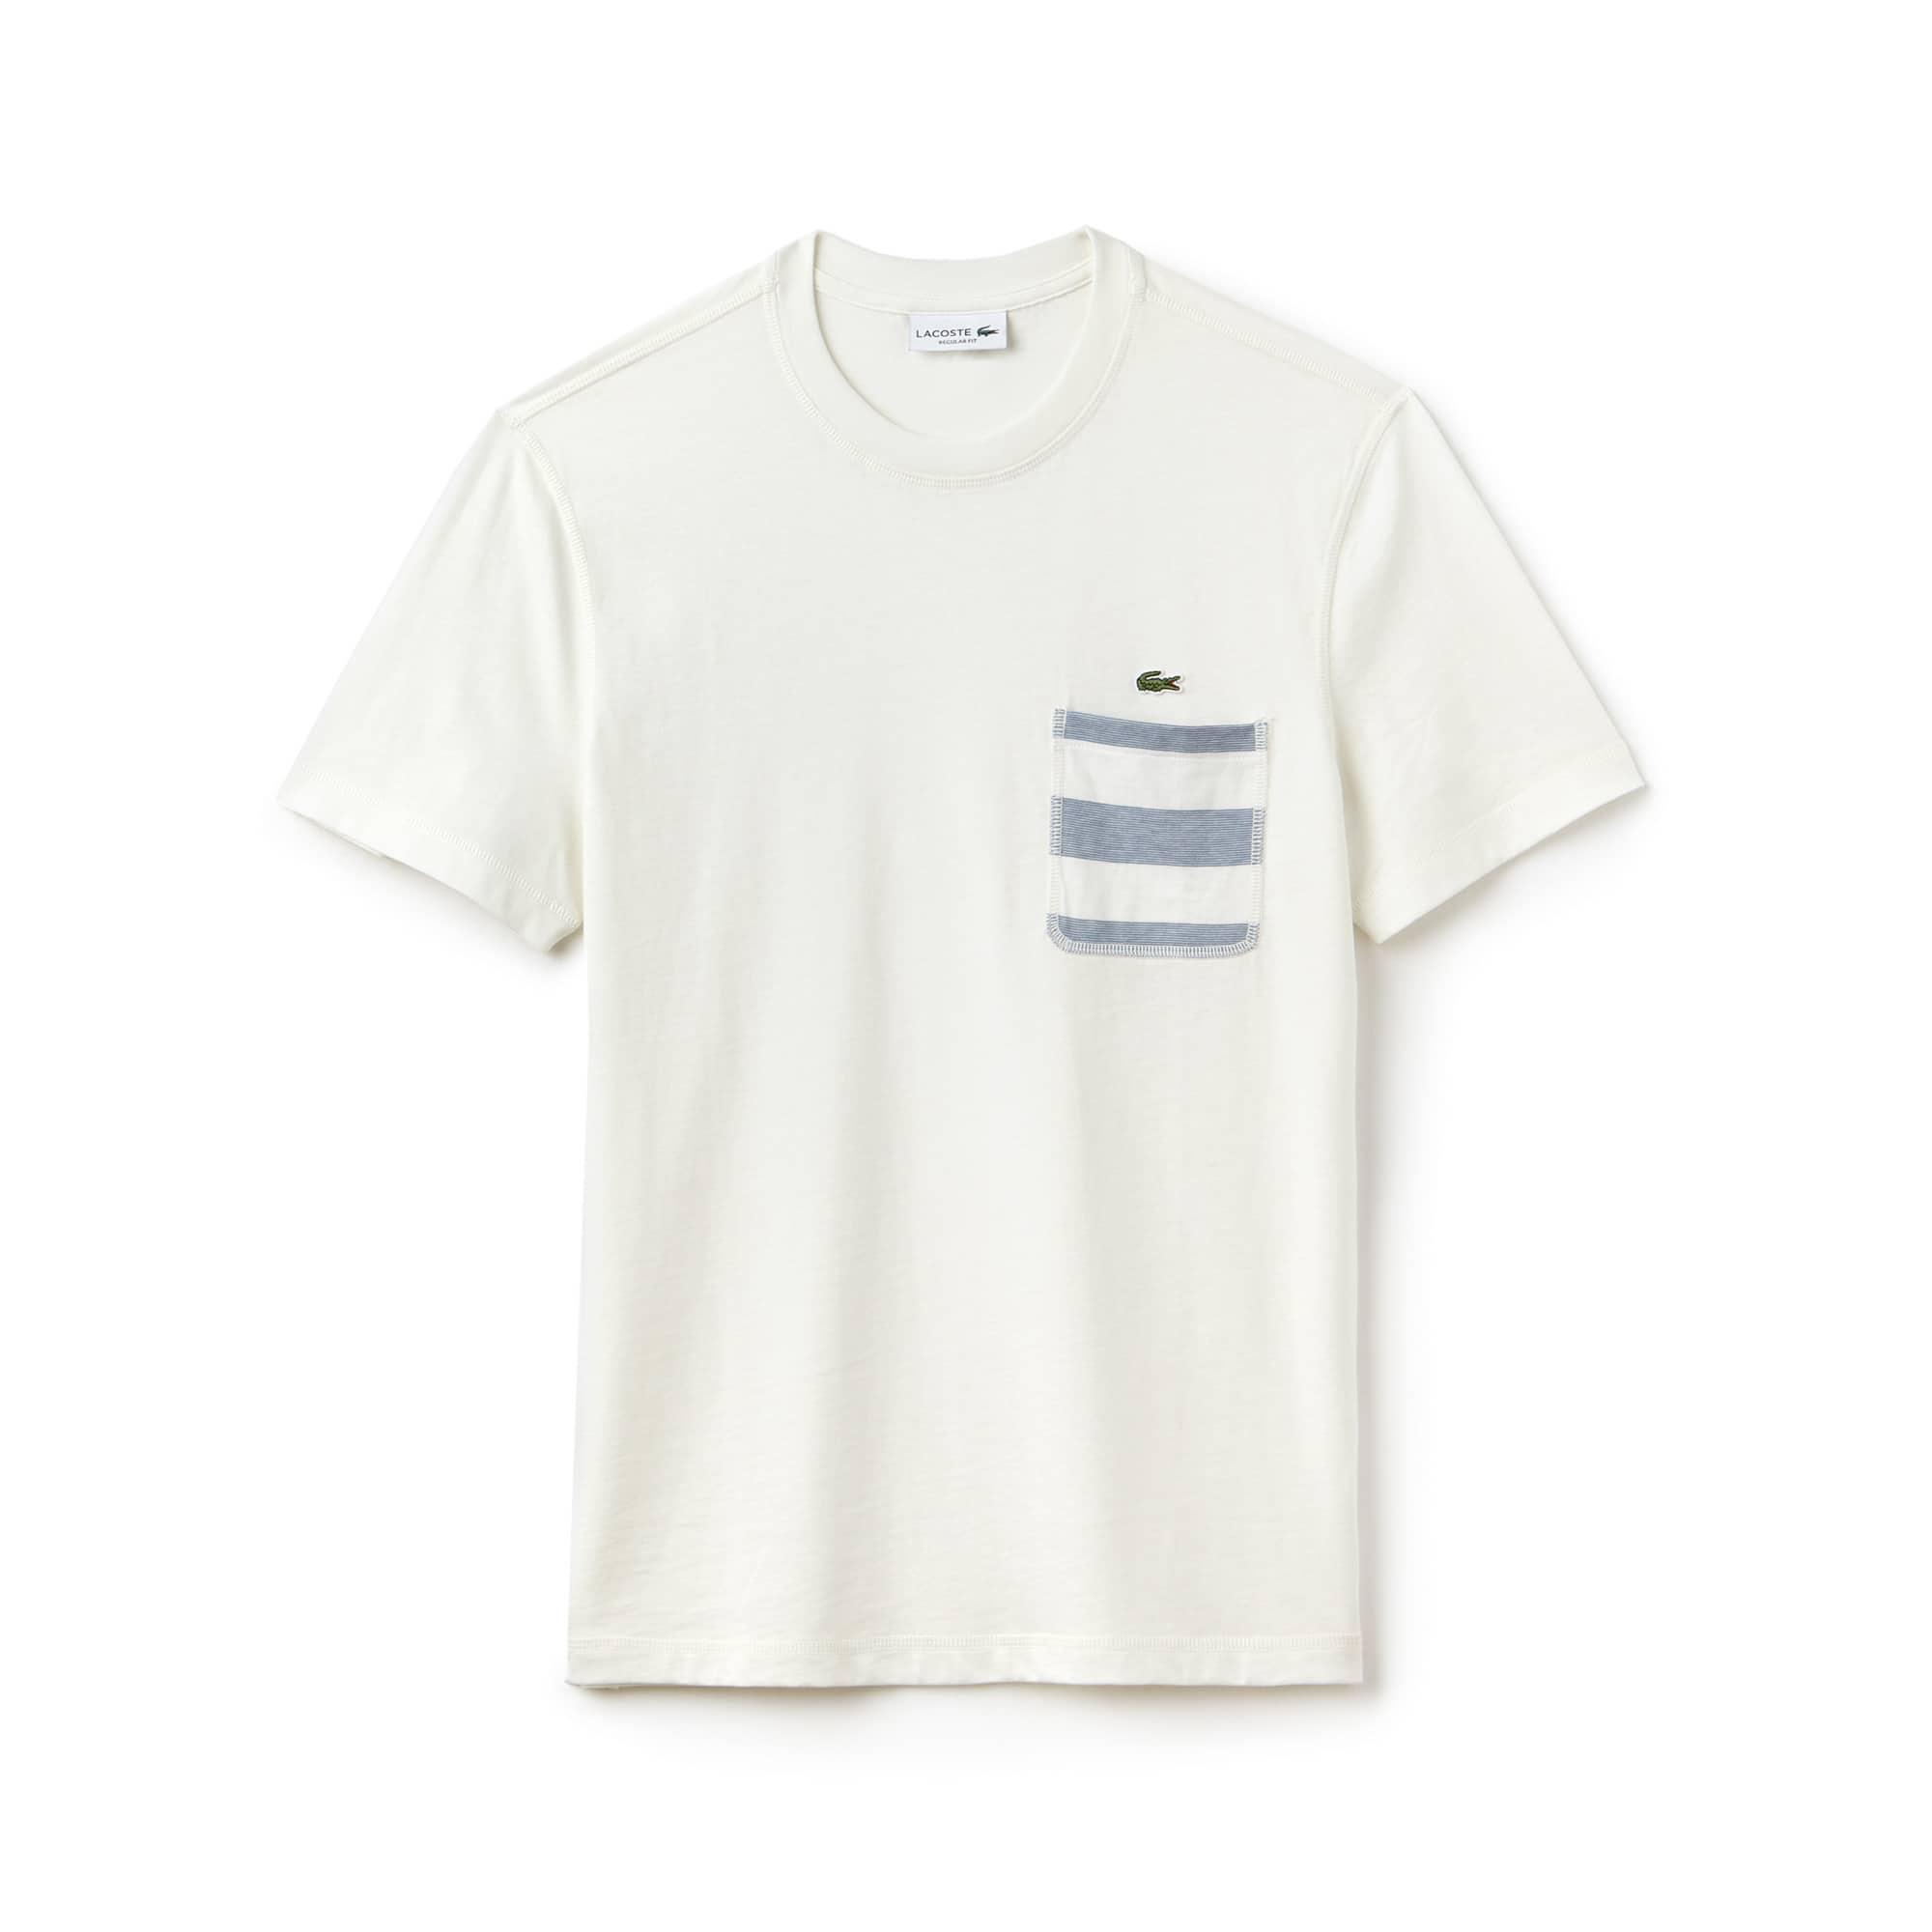 Herren-Rundhals-T-Shirt aus Baumwolljersey mit gestreifter Tasche